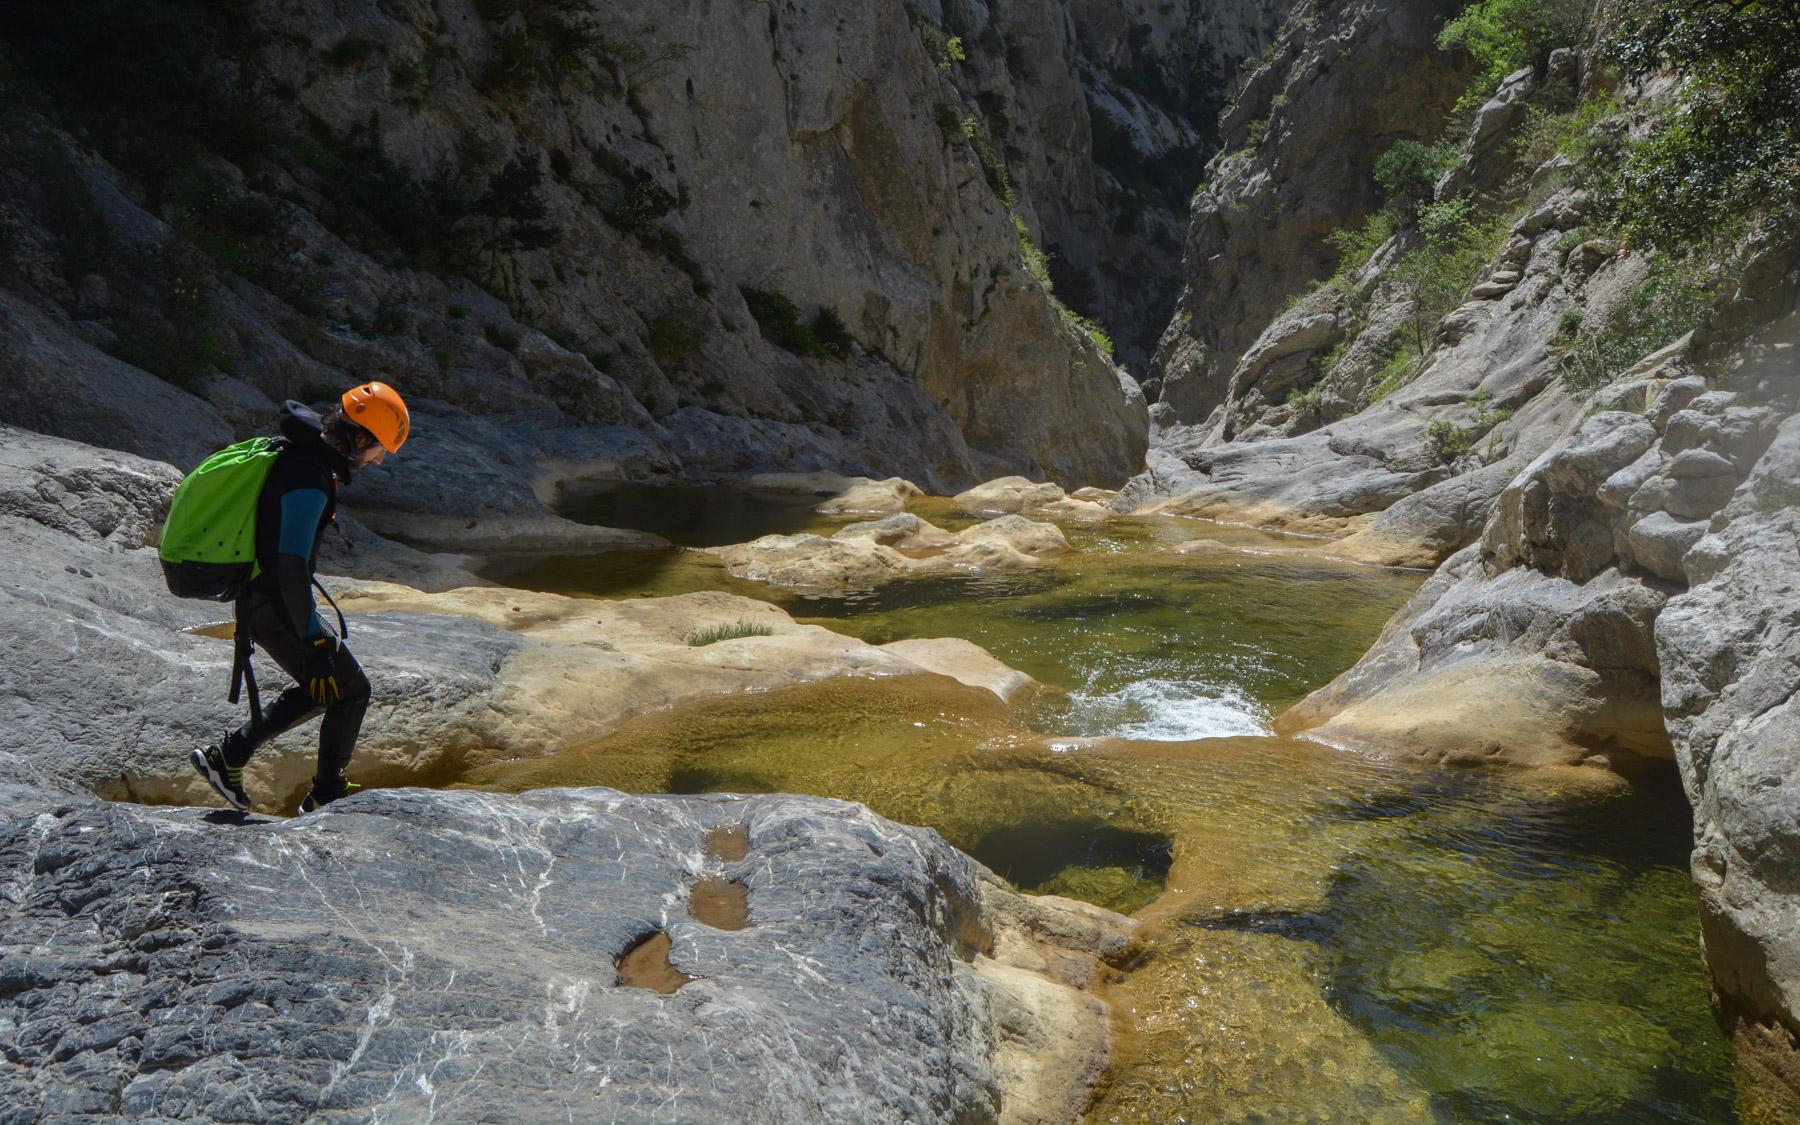 Gorges de Galamus, Pyrénées Orientales 11